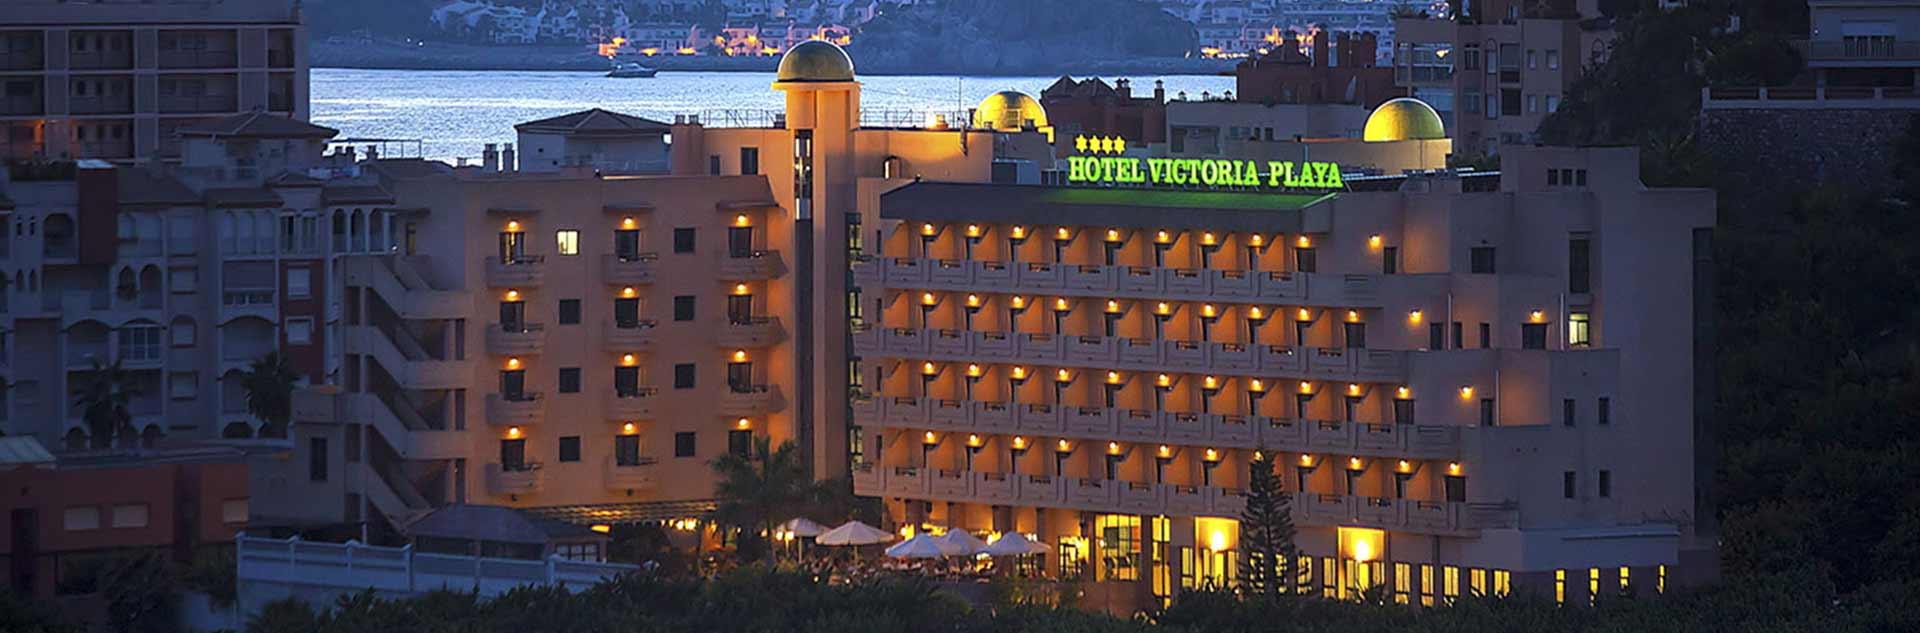 Fachada nocturna del hotel Victoria Playa 4*